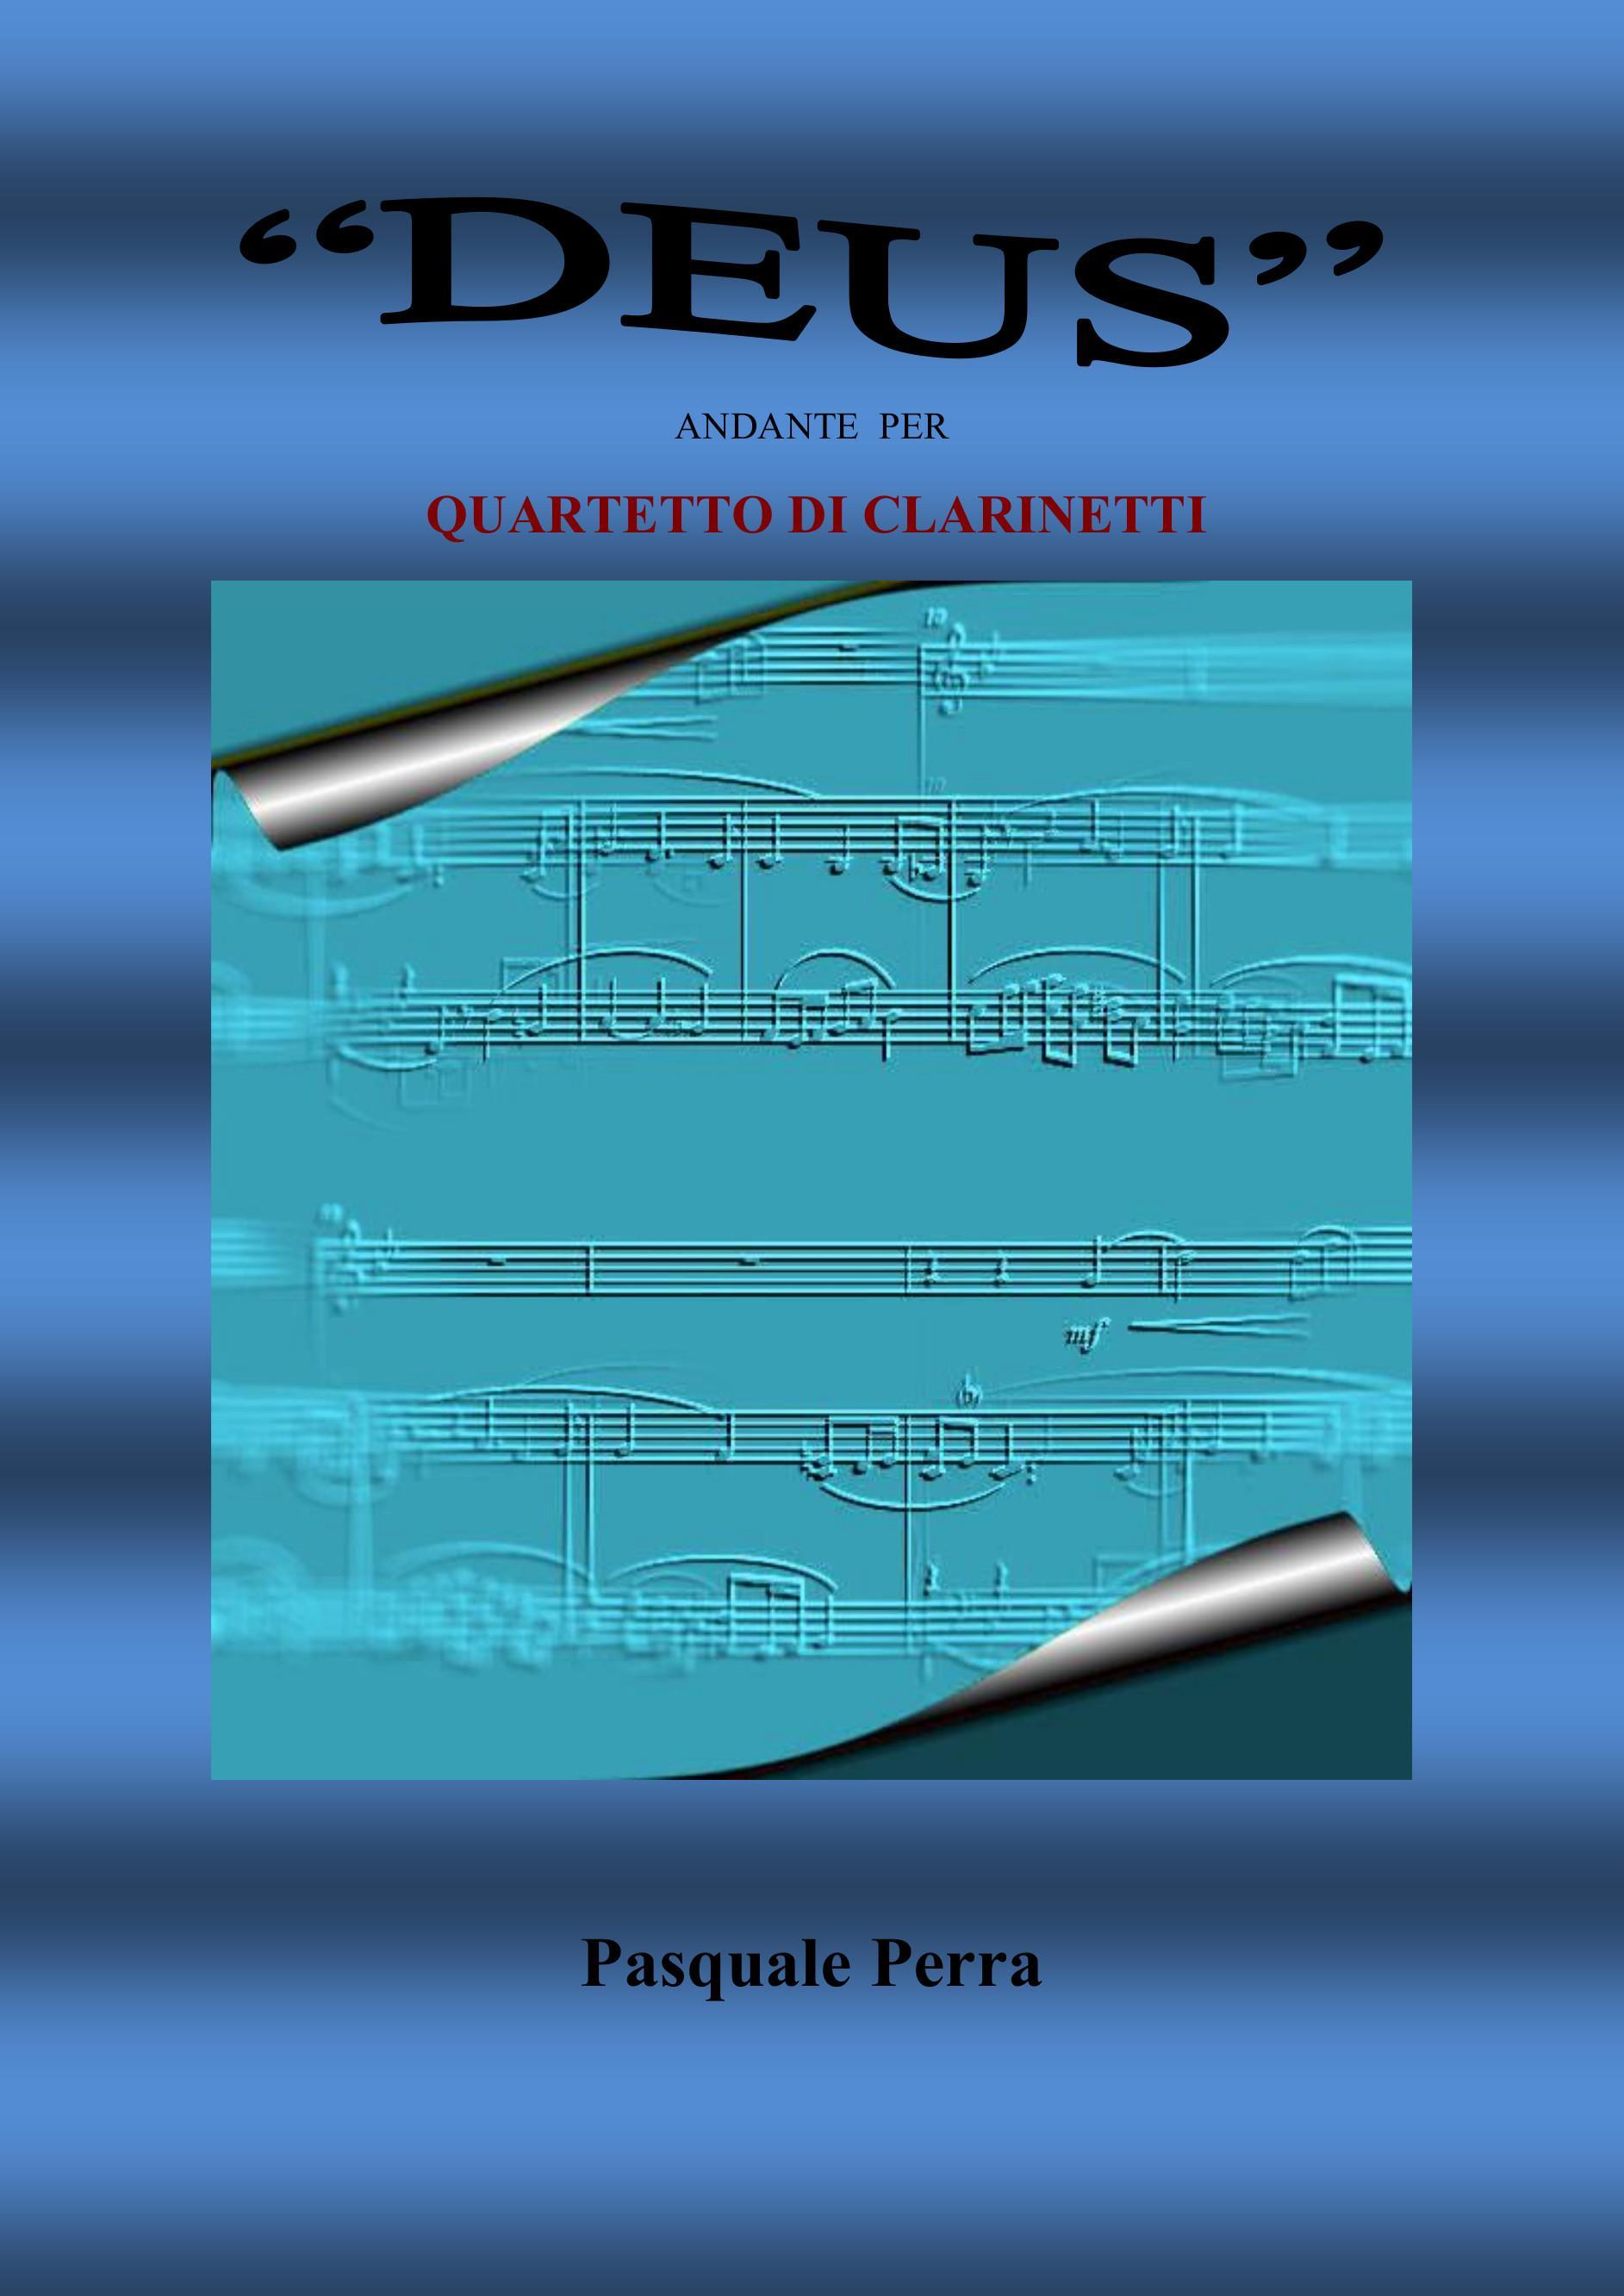 Deus andante per quartetto di clarinetti (partitura e parti)